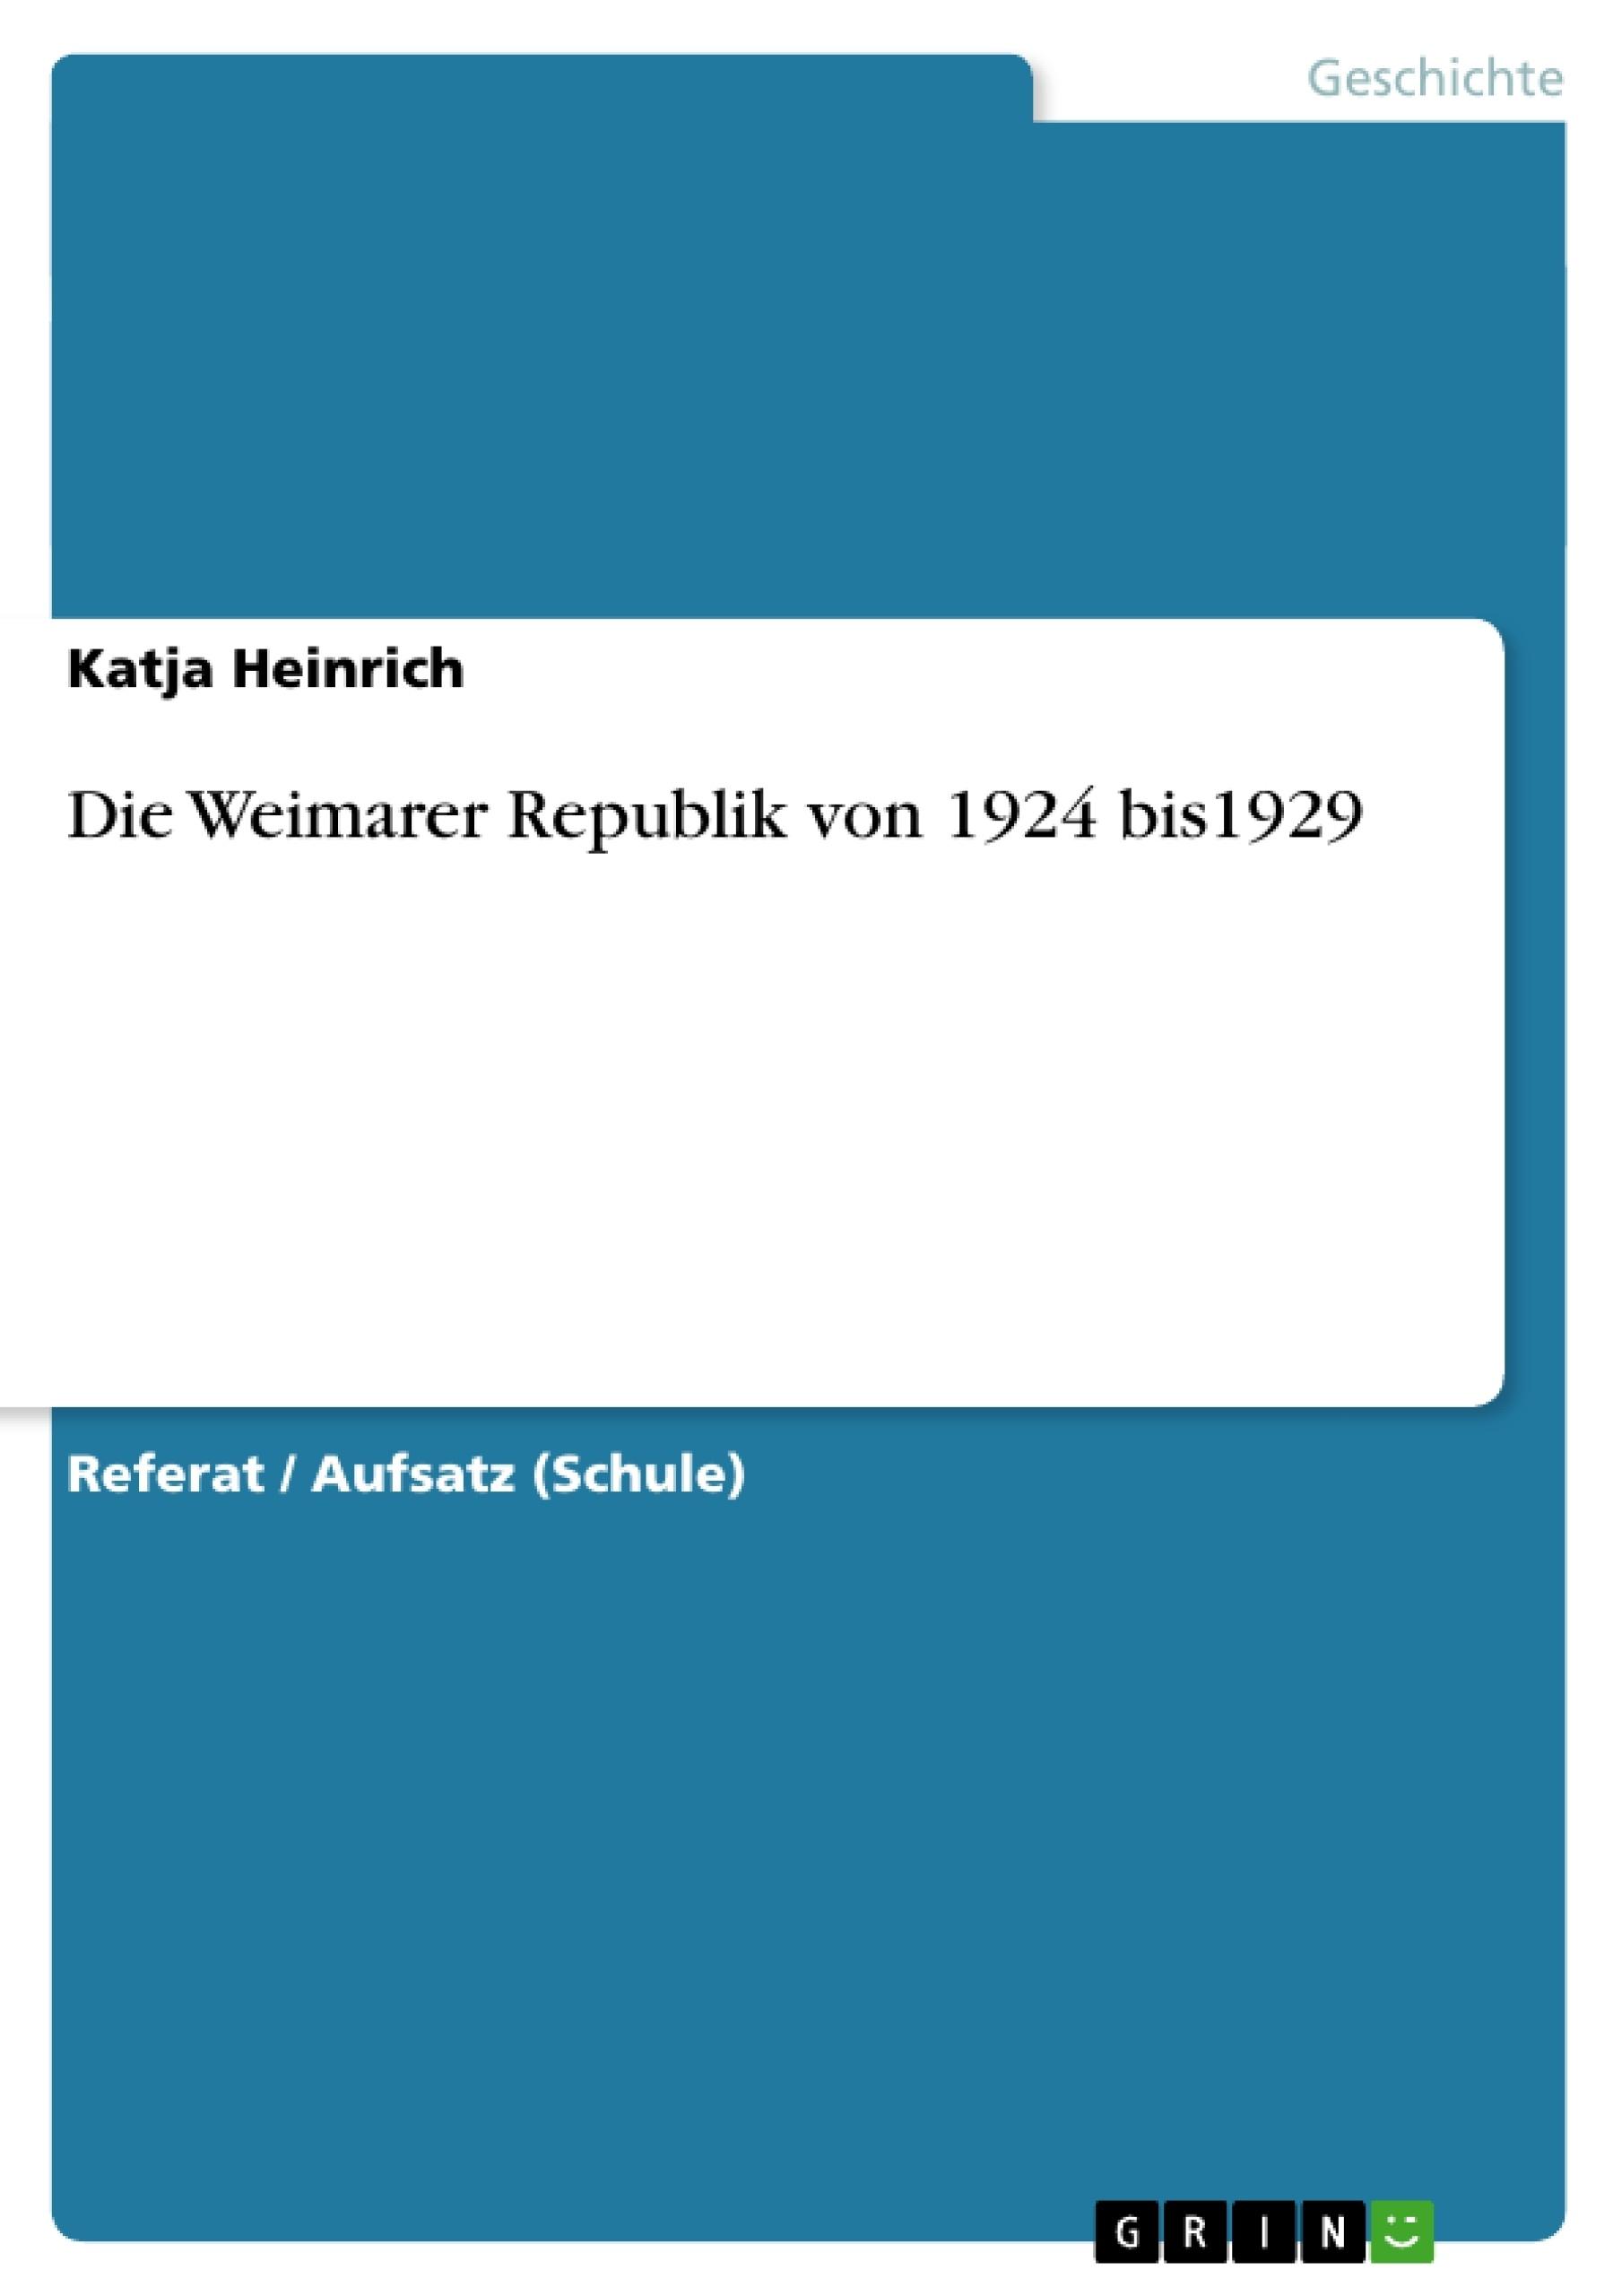 Titel: Die Weimarer Republik von 1924 bis1929